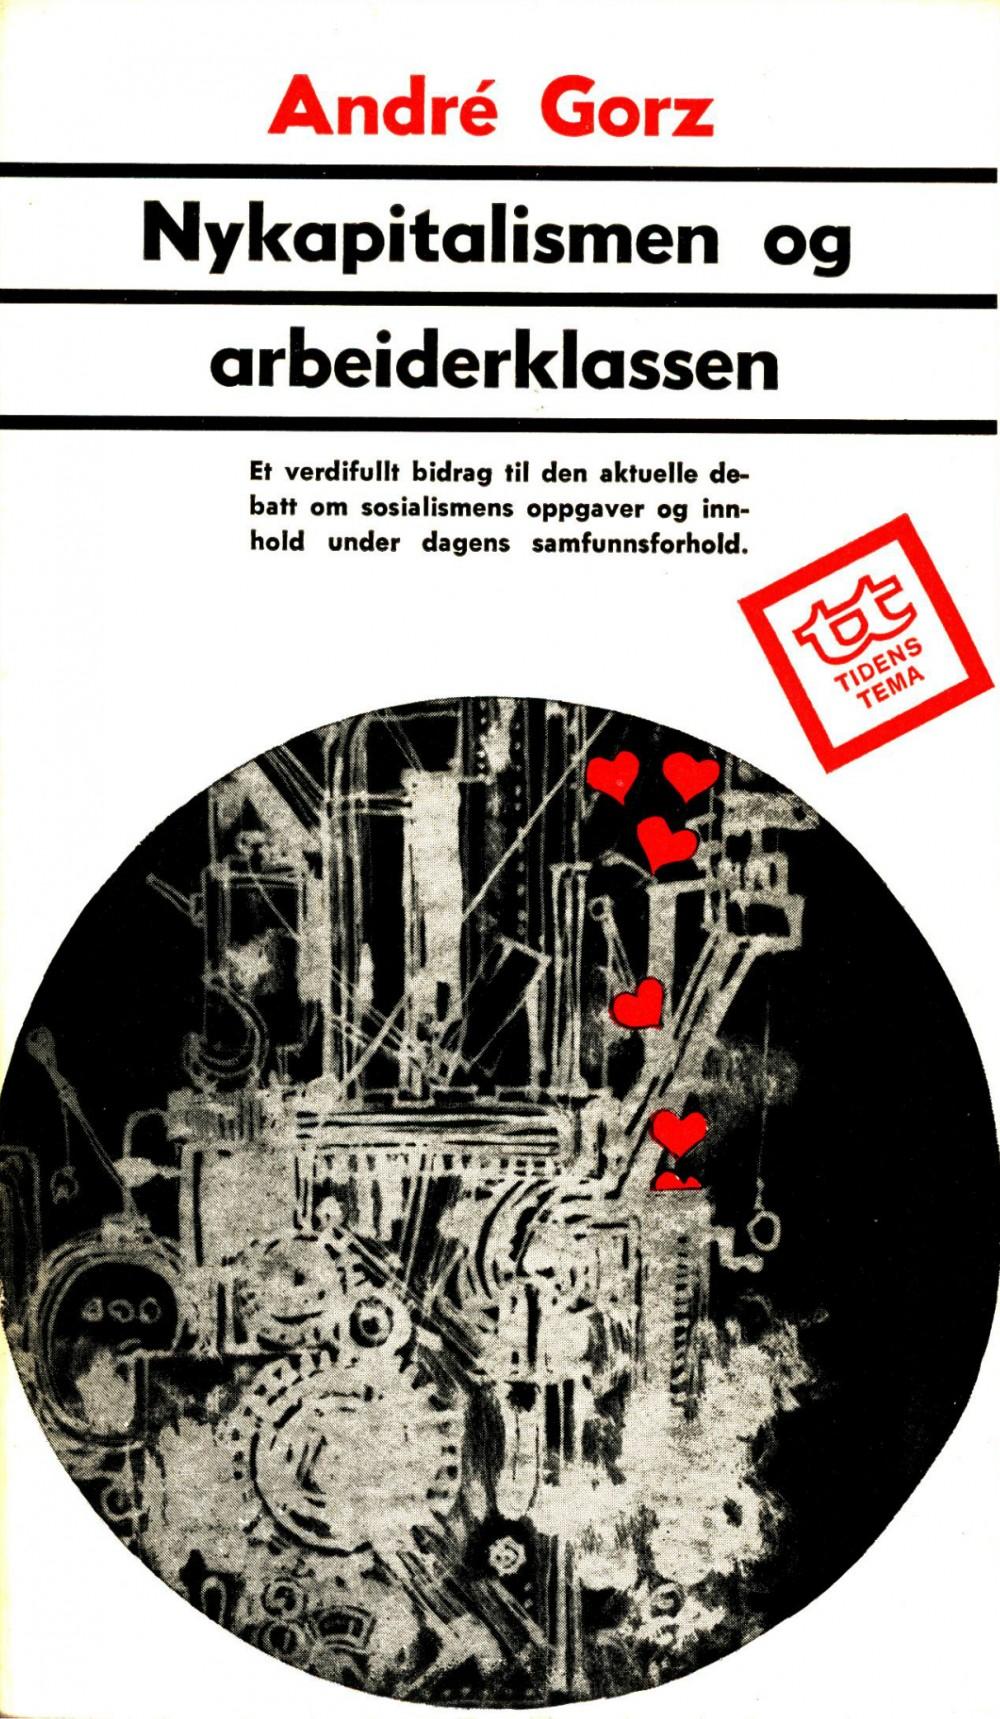 André Gorz: Nykapitalismen og arbeiderklassen